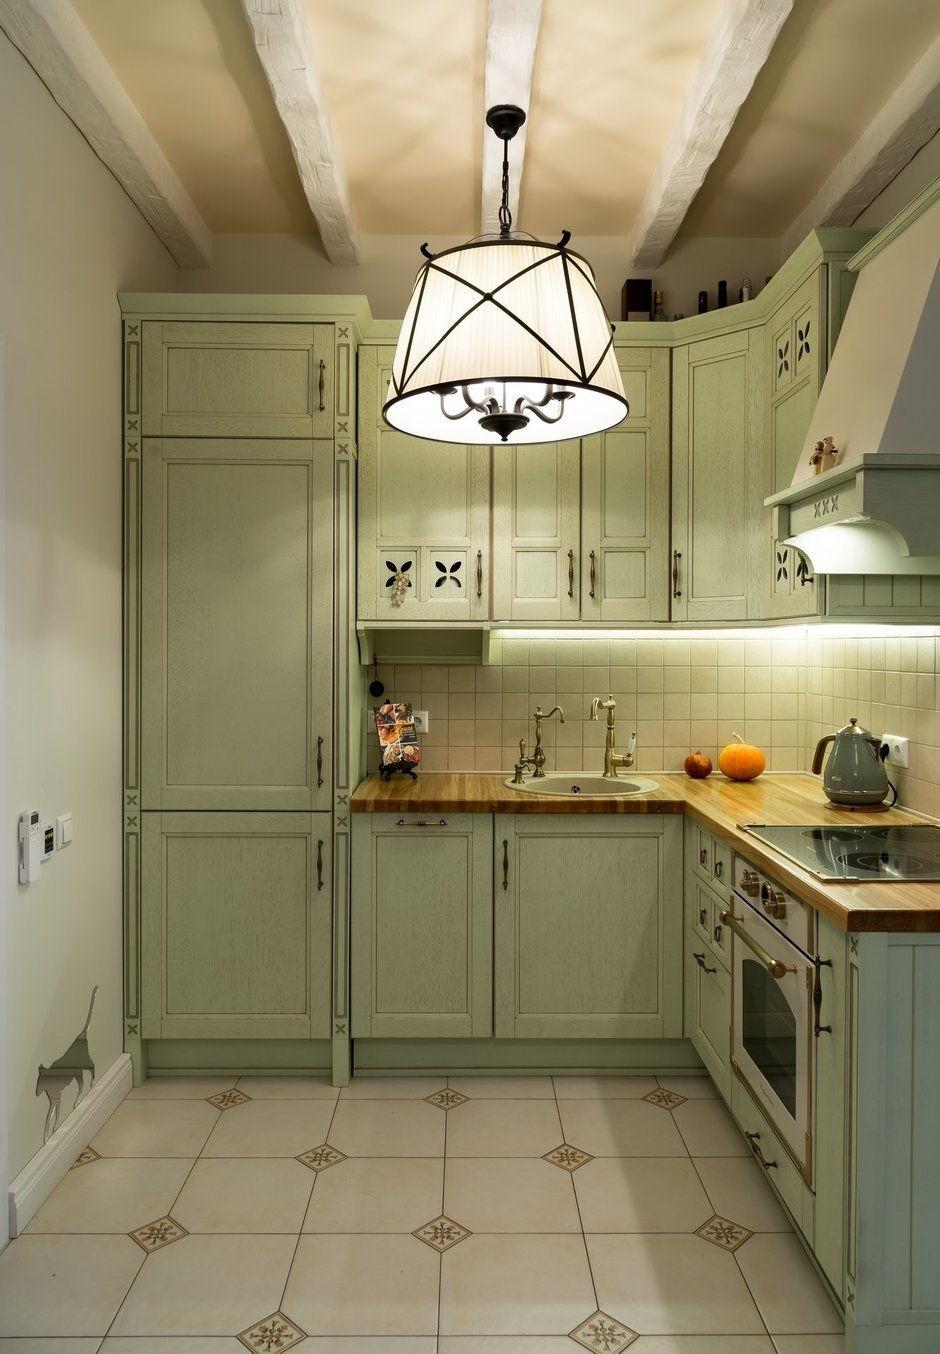 Потолок кухни в стиле прованс